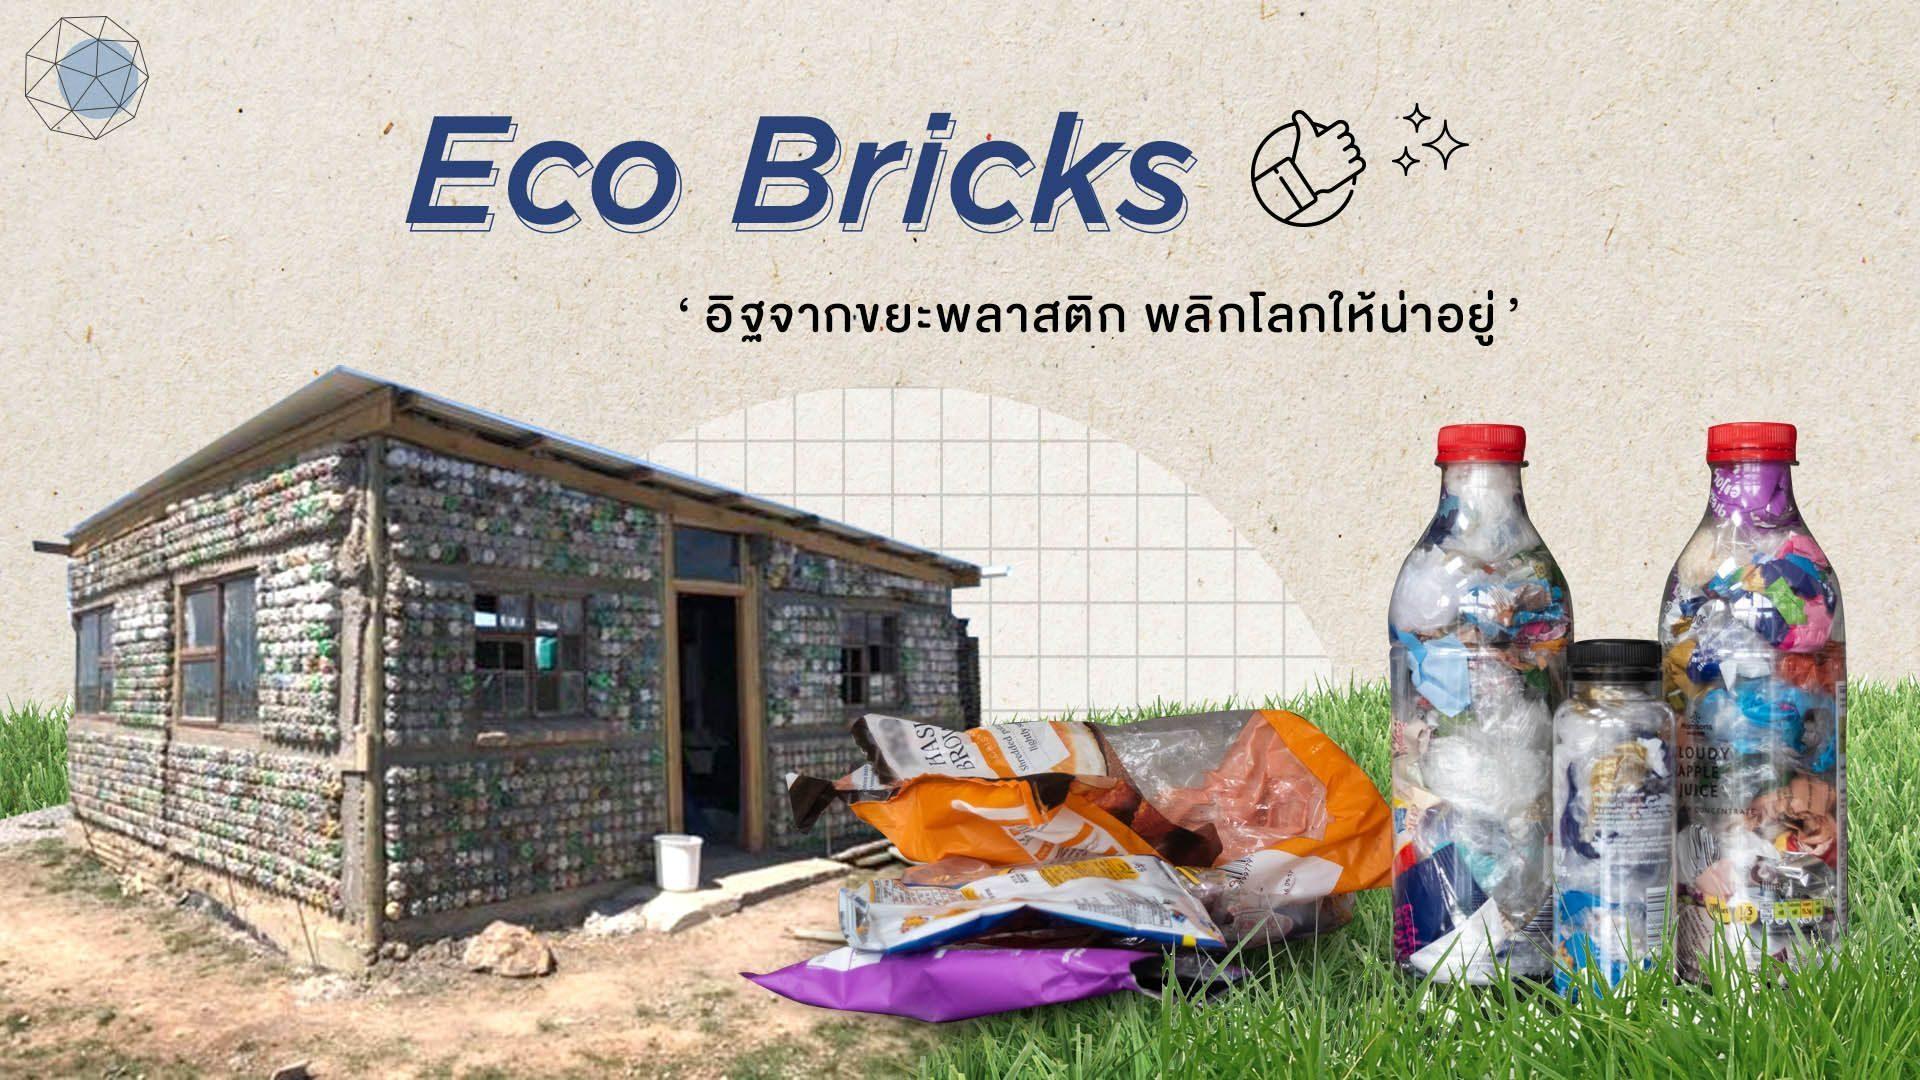 EcoBrick อิฐก่อสร้างจากขยะพลาสติก